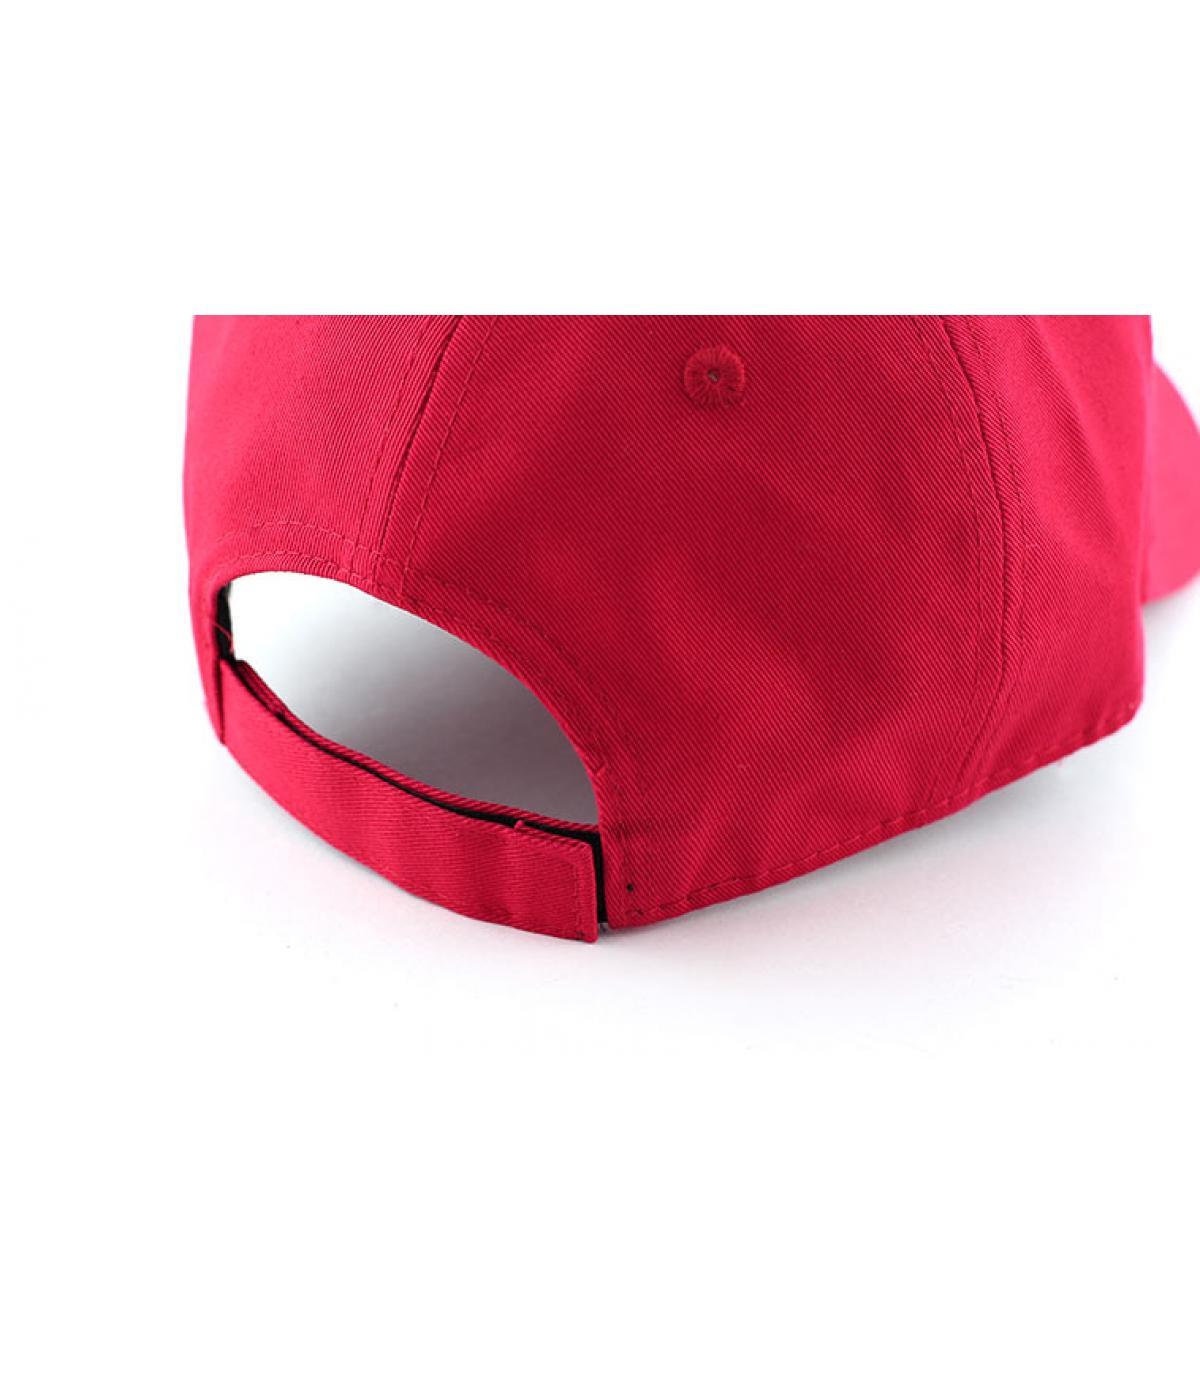 Détails Casquette basic rouge - image 4